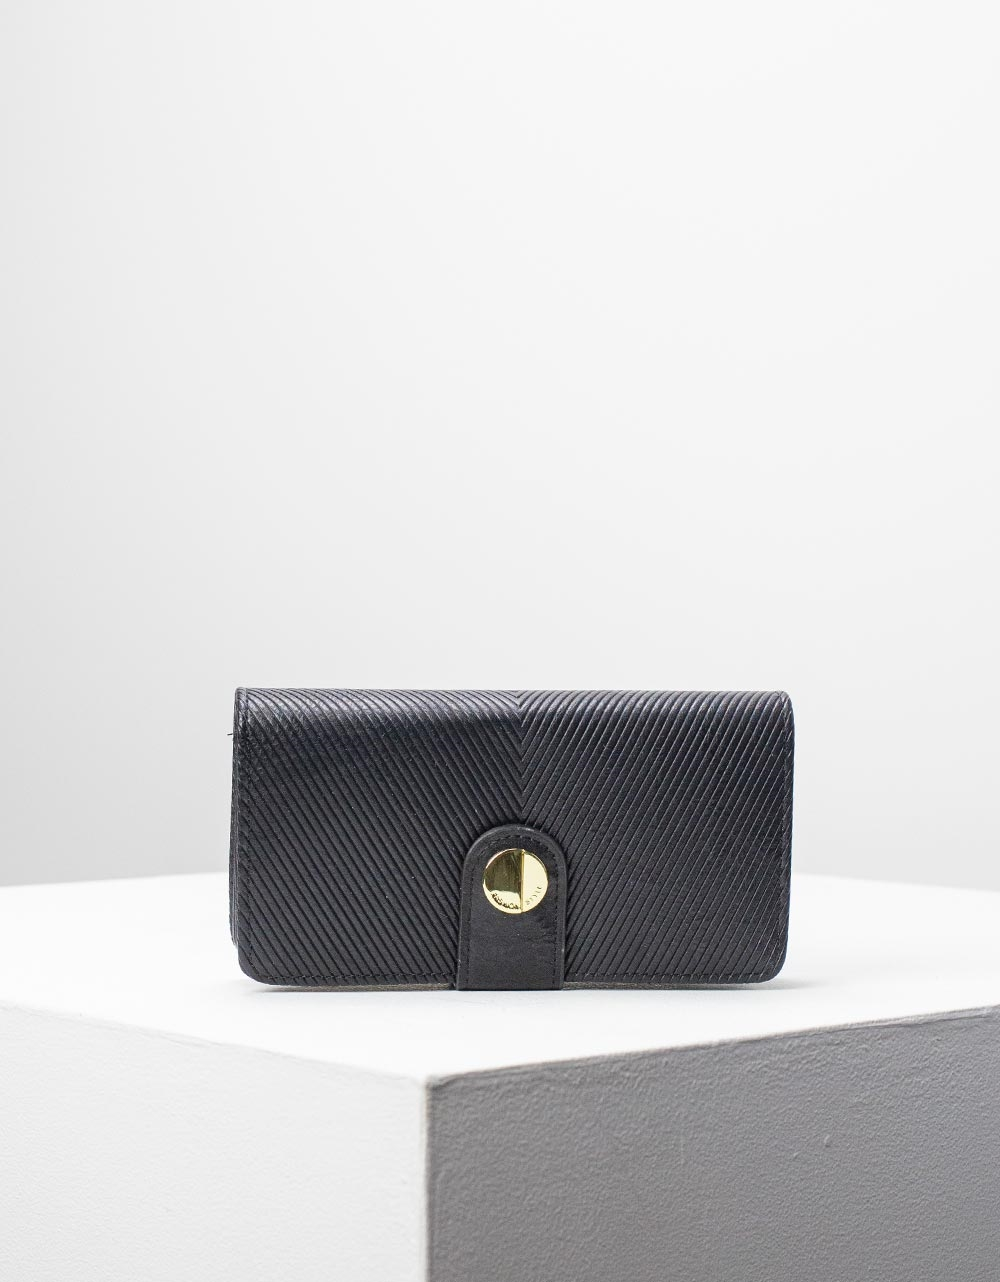 Εικόνα από Γυναικεία πορτοφόλια basic μονόχρωμα Μαύρο